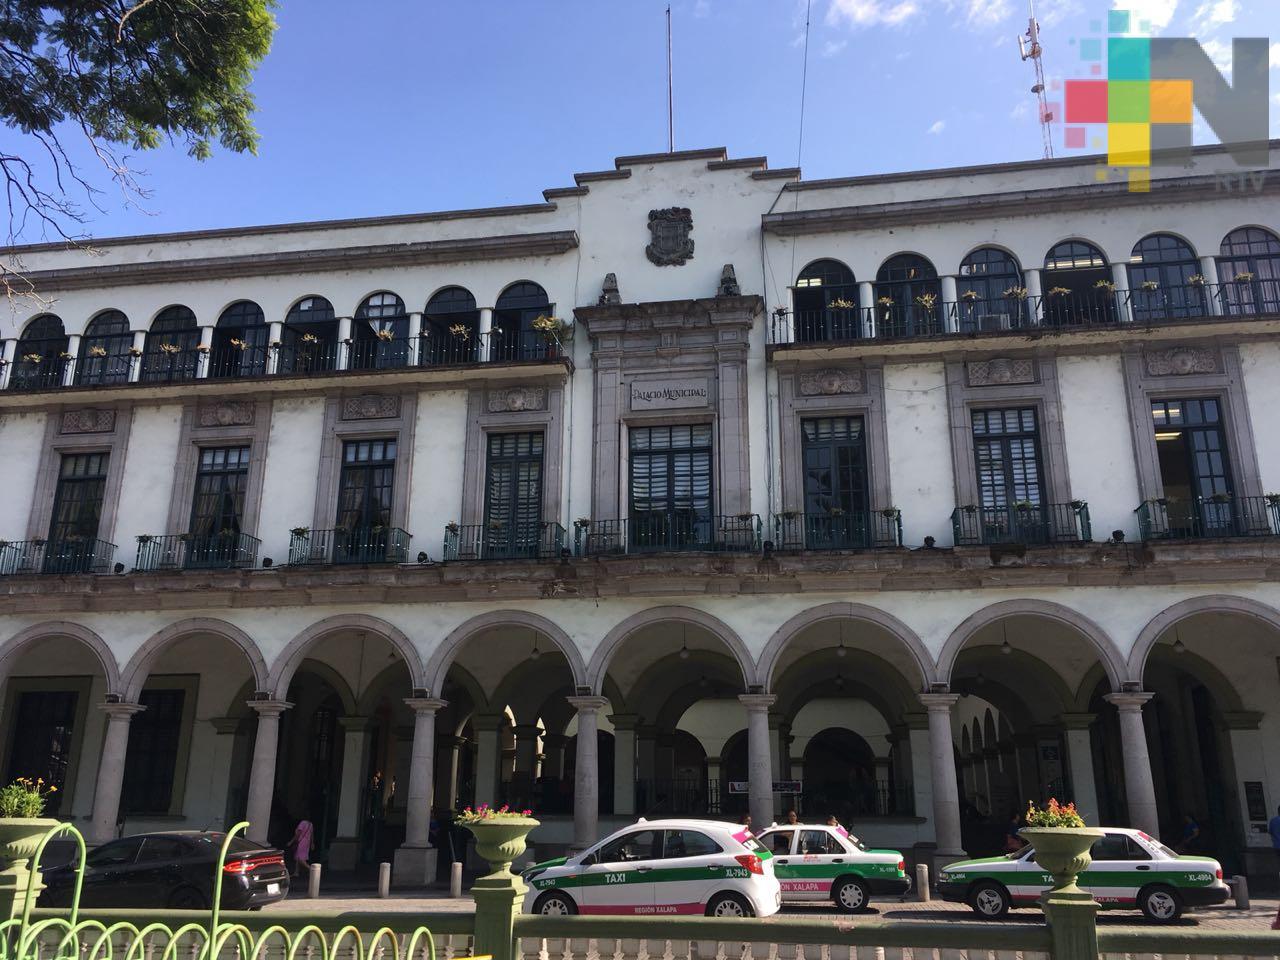 Información sobre personal, nómina y obra pública lo más solicitado al municipio de Xalapa